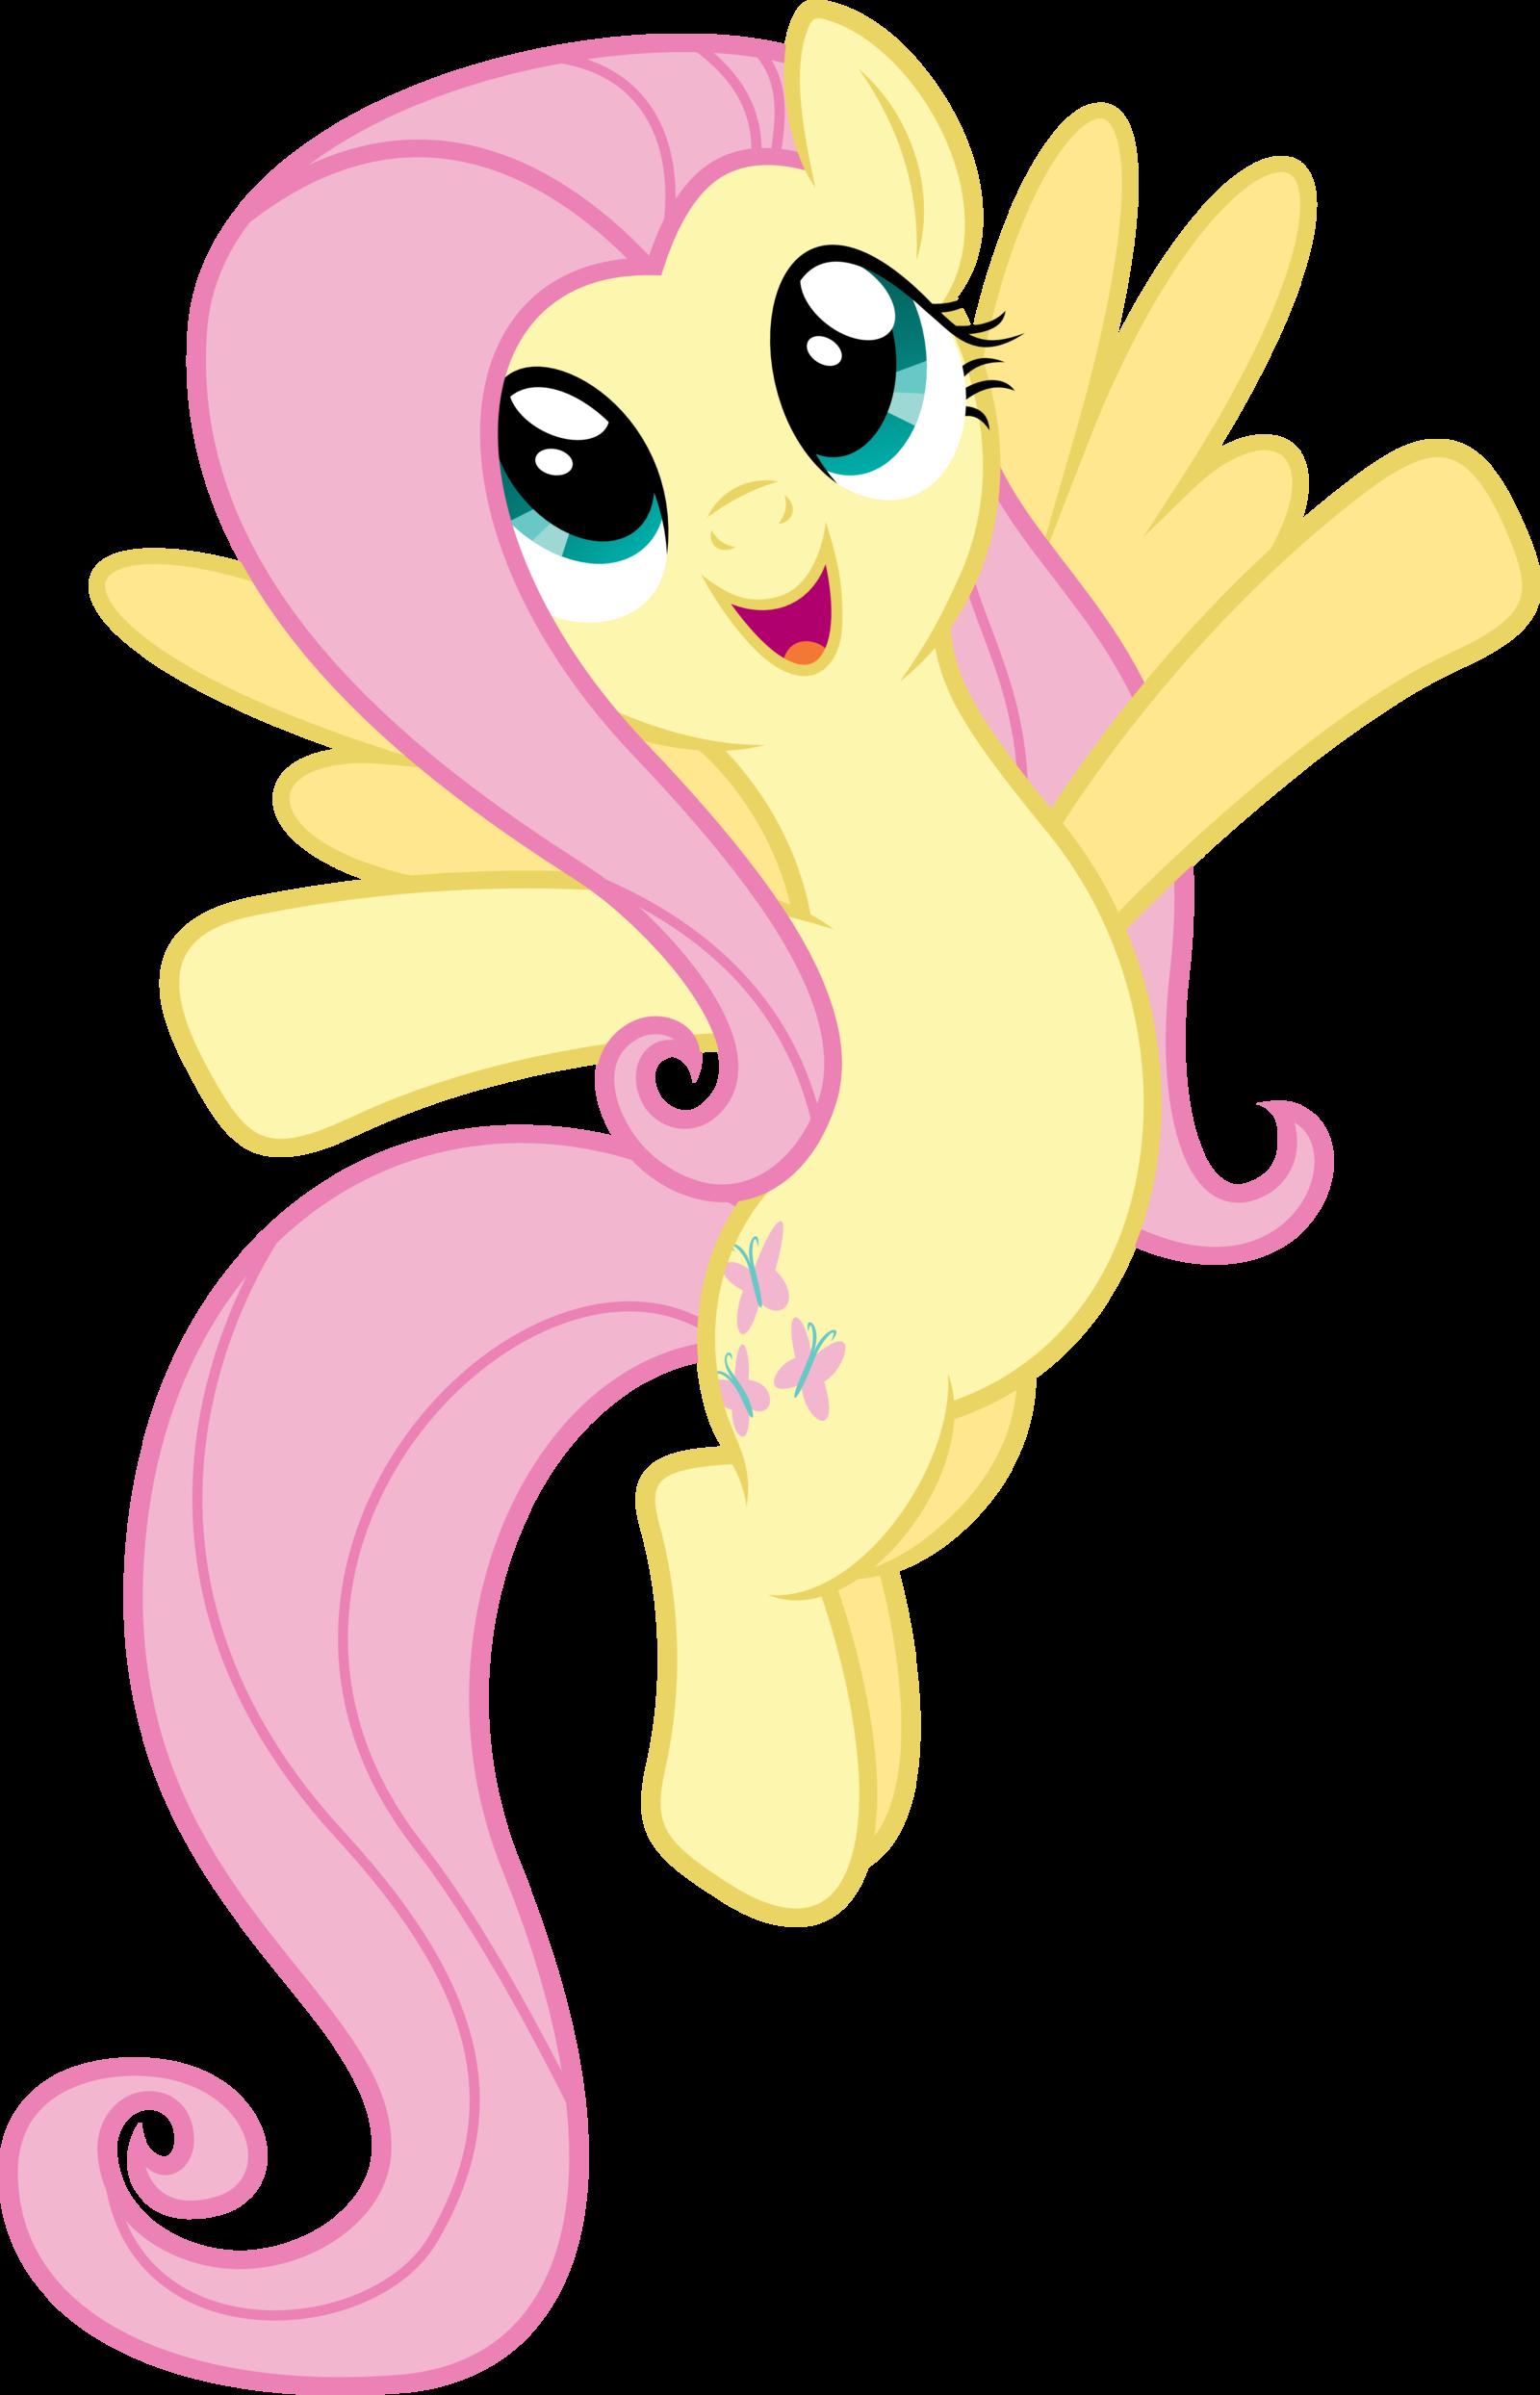 Image result for Fluttershy